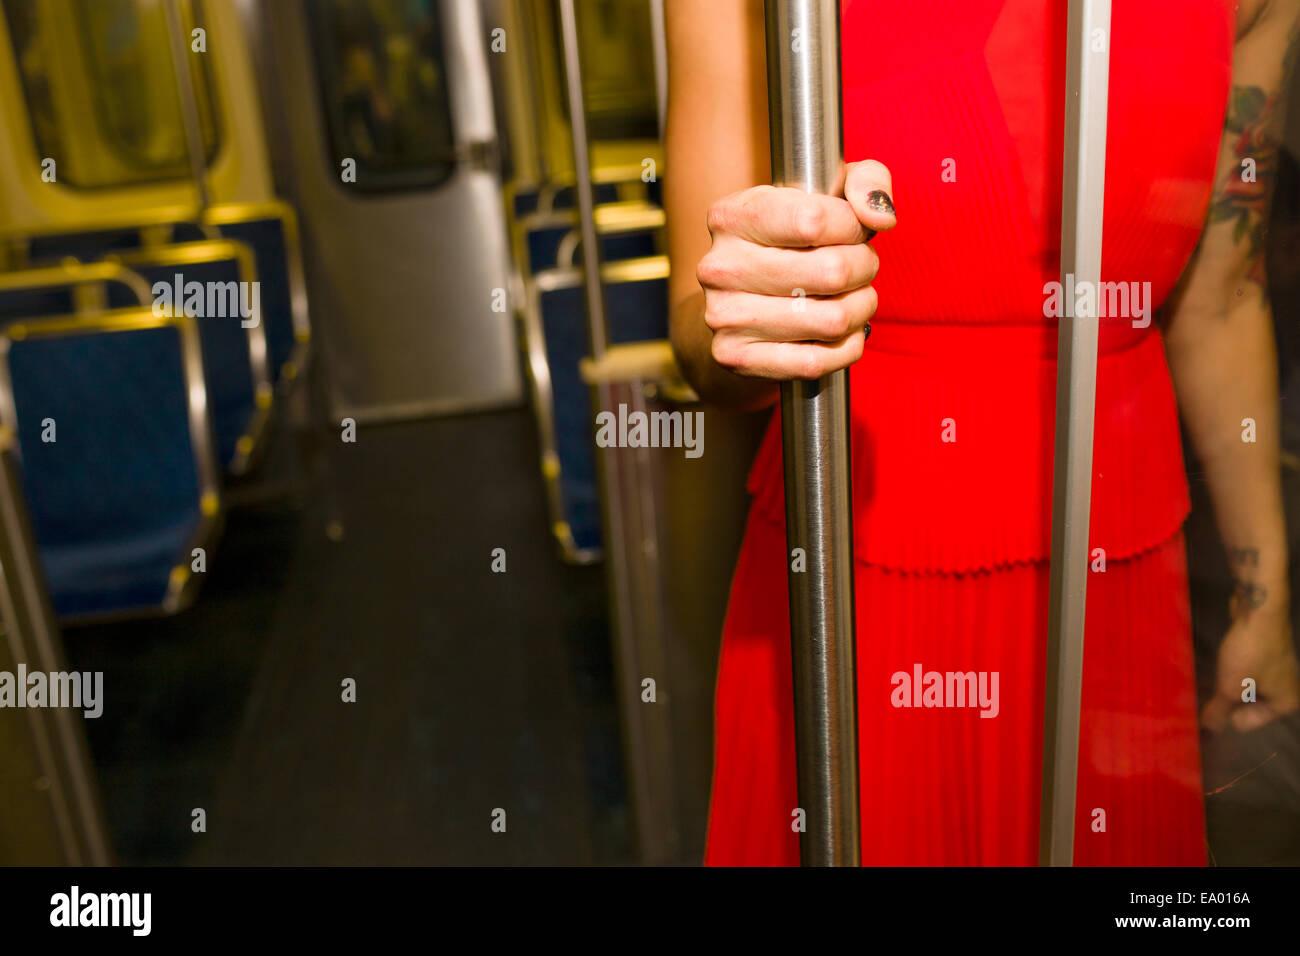 Ritagliato colpo di giovane donna indossa abito rosso sul treno della metropolitana Immagini Stock